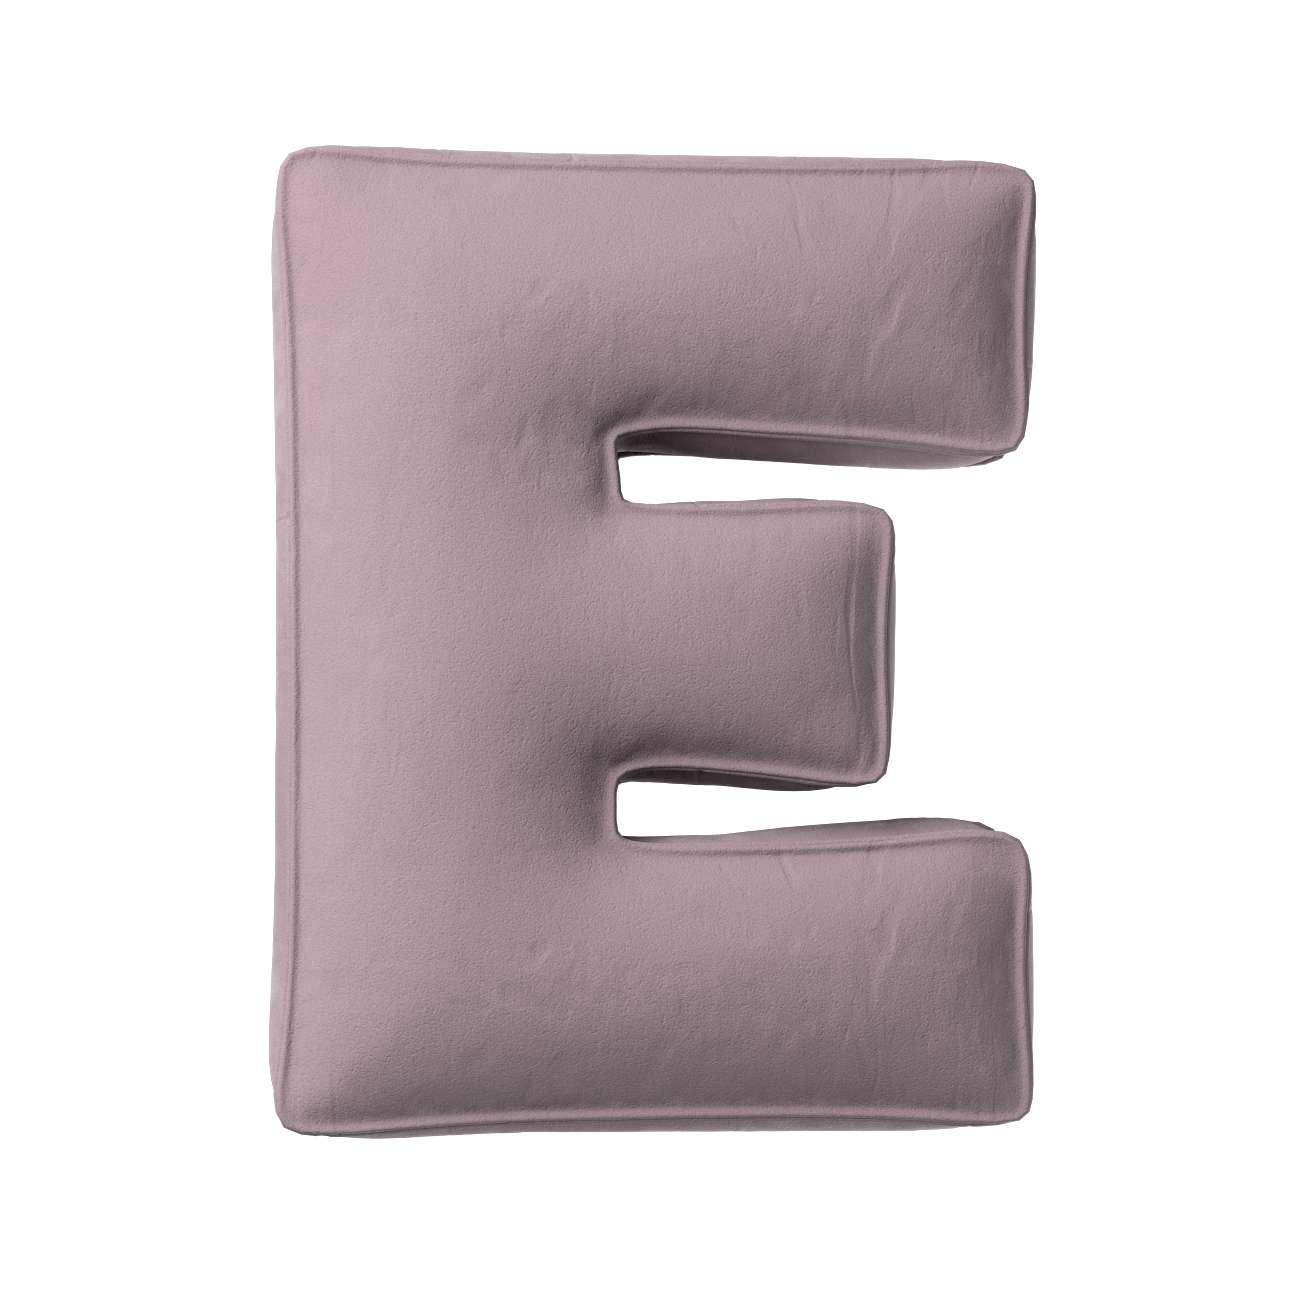 Raidė pagalvėlė E kolekcijoje Posh Velvet, audinys: 704-14